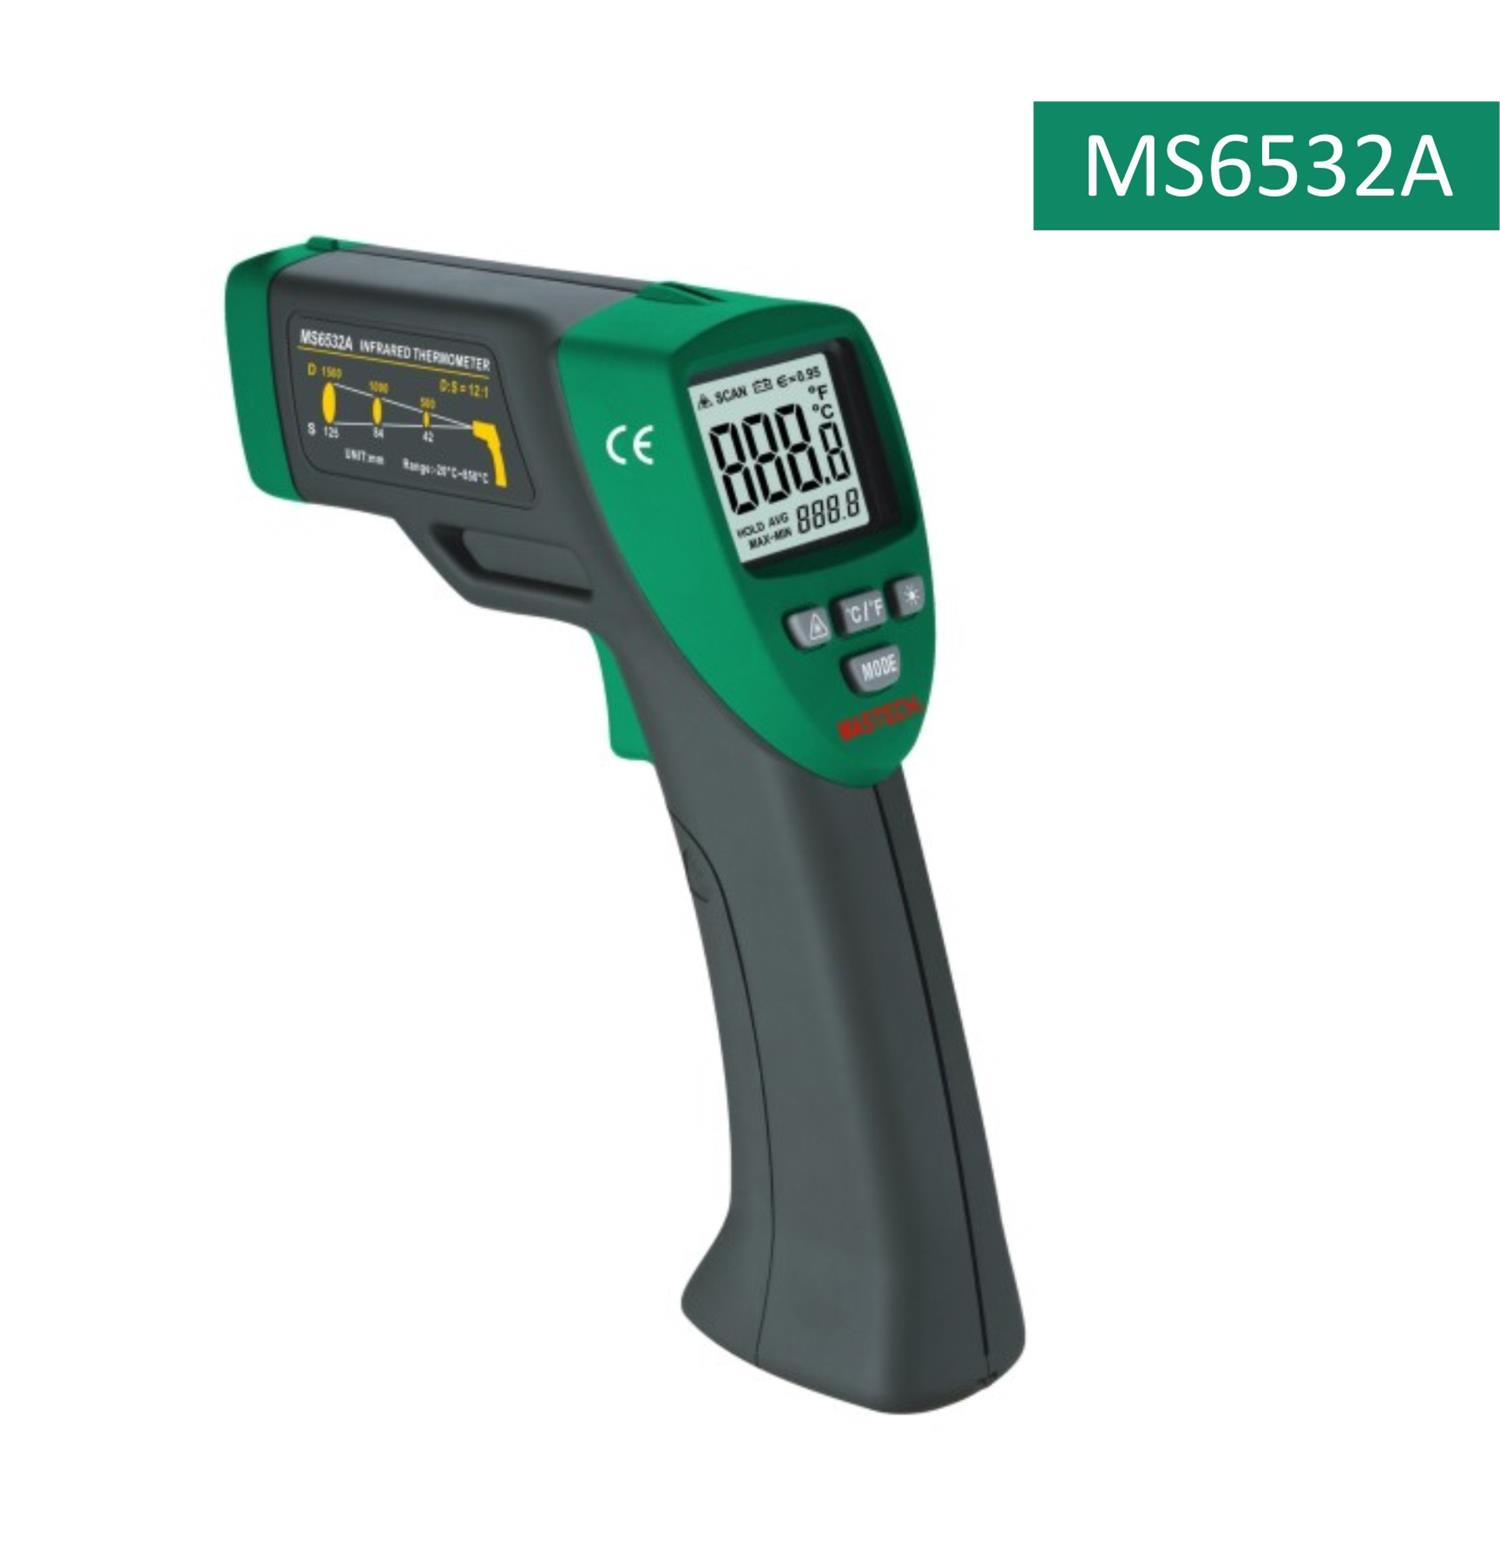 MS6532A